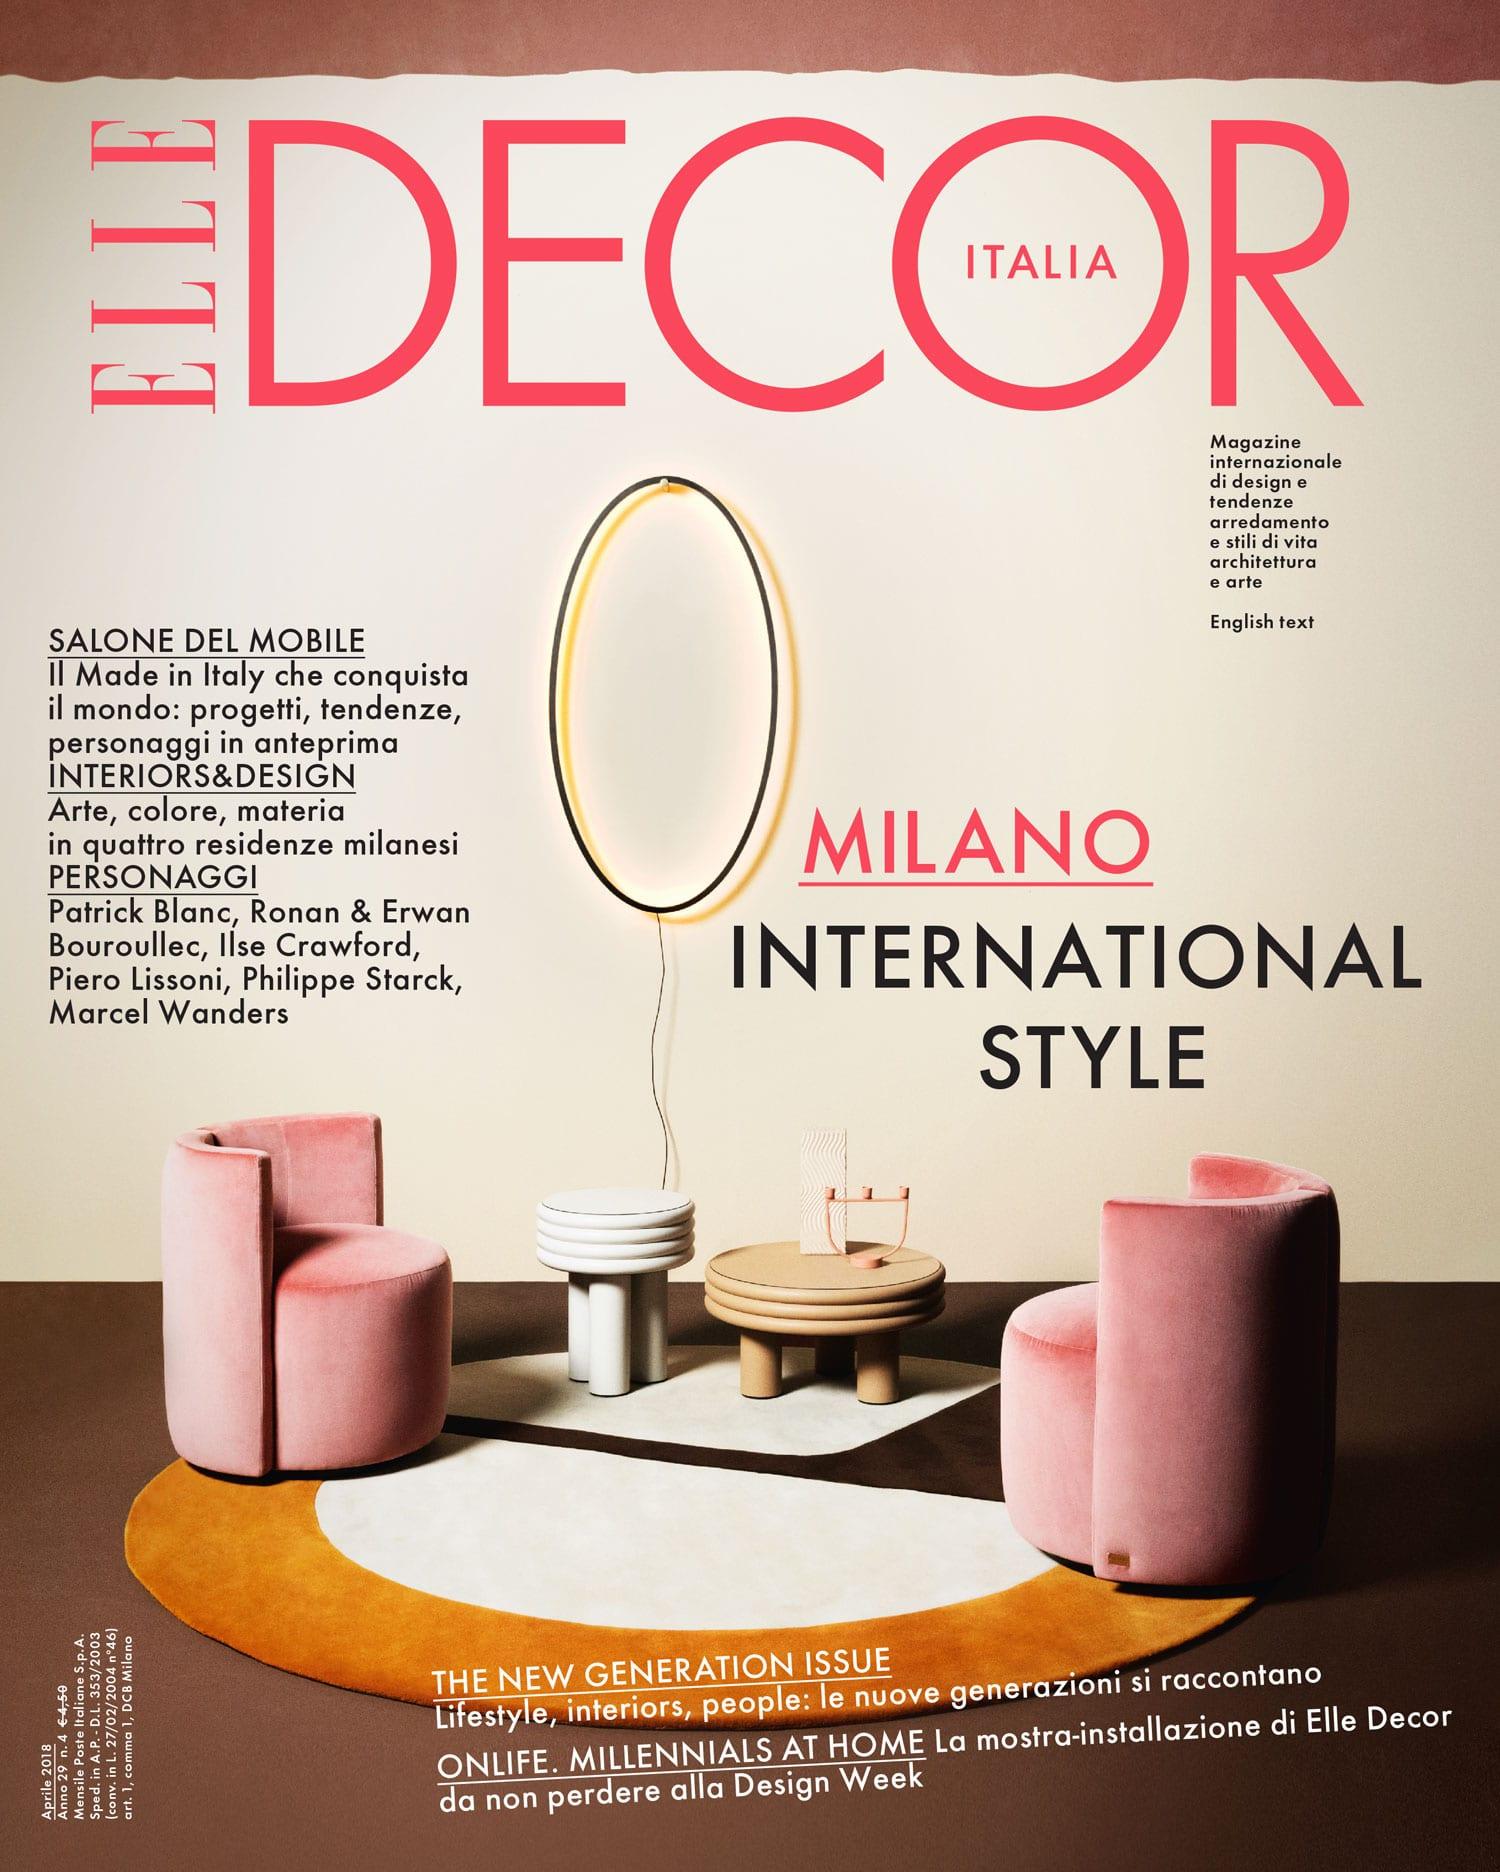 Elle Decor Italia April 2018 Salone del Mobile Special Issue Featuring Dana Tomic Hughes | Yellowtrace